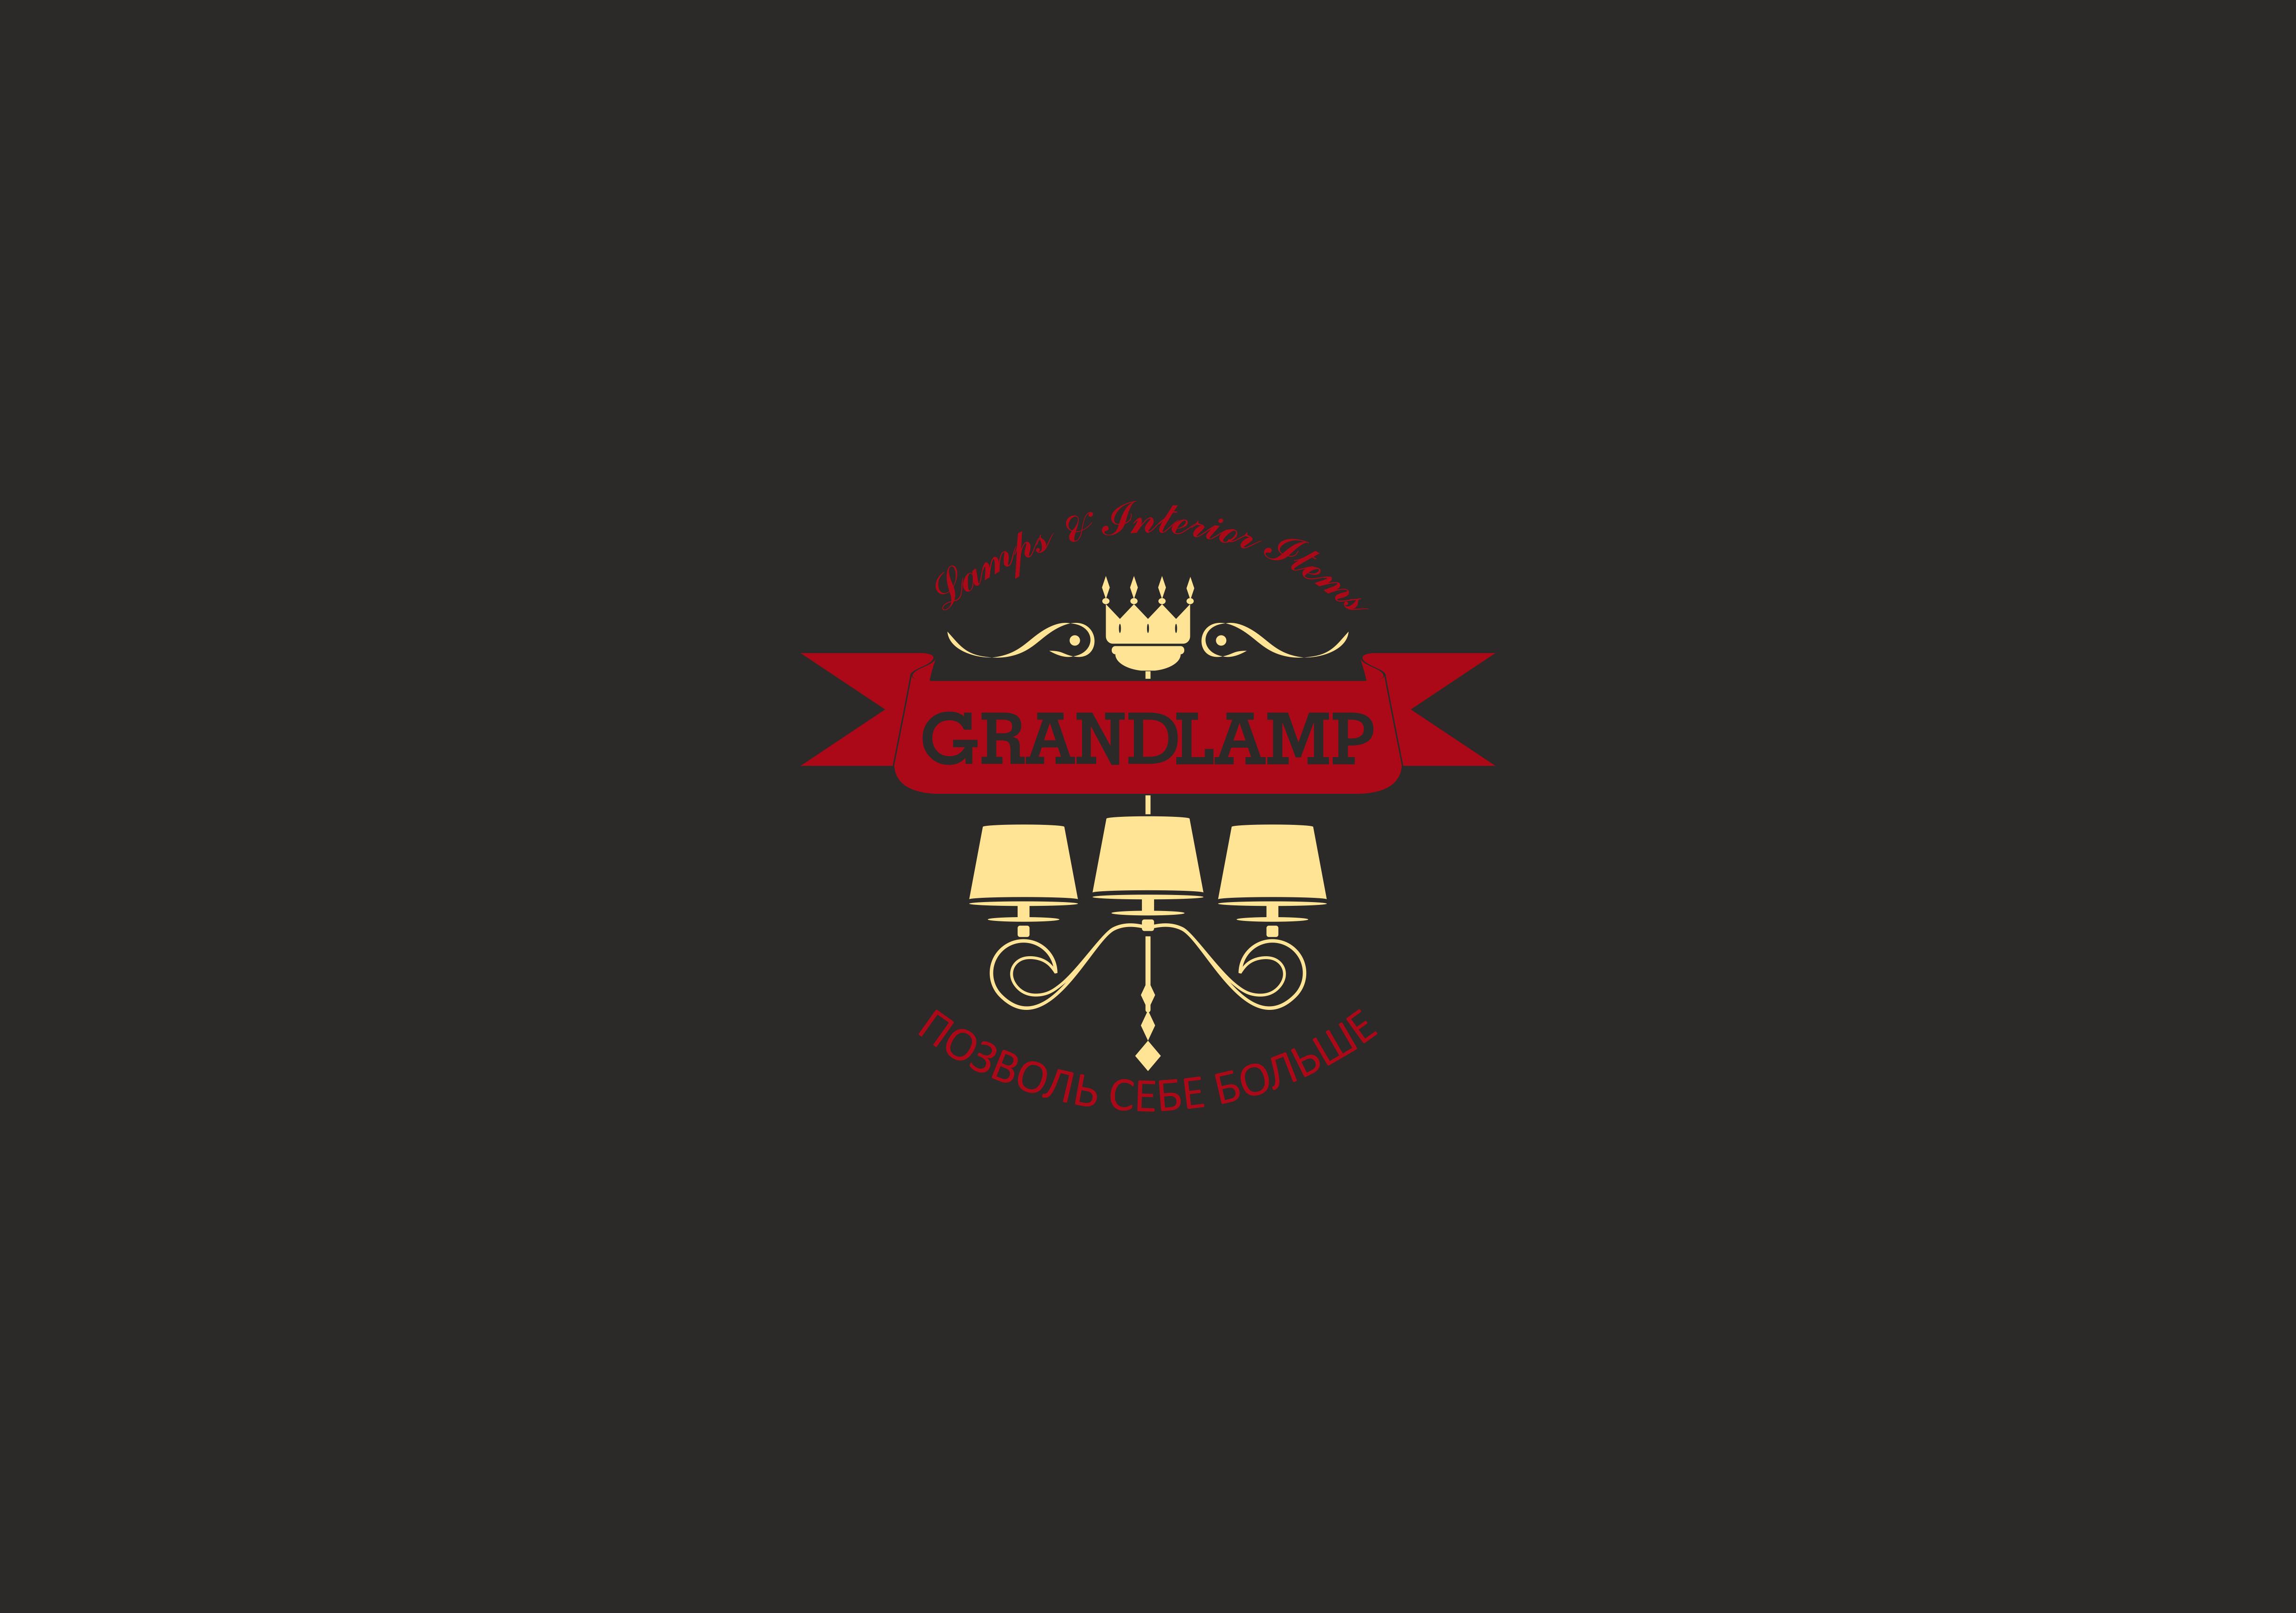 Разработка логотипа и элементов фирменного стиля фото f_96257ed05a610133.png